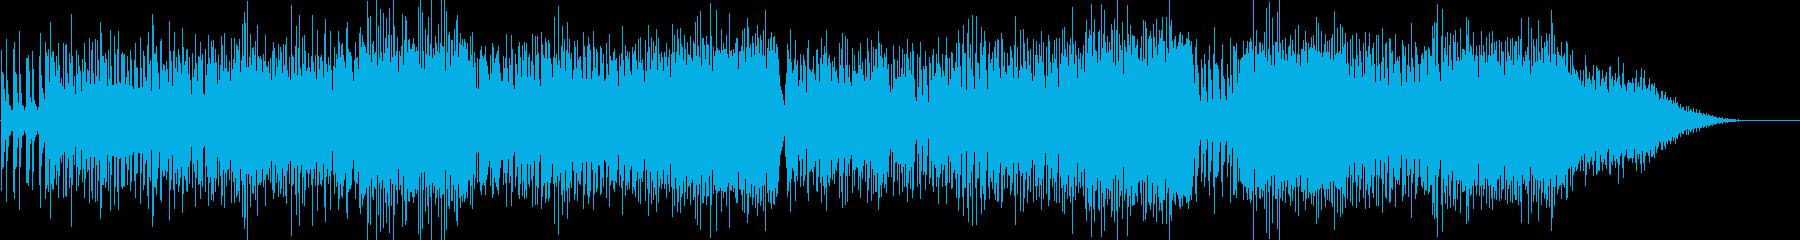 クールな印象のピアノダンスポップスの再生済みの波形